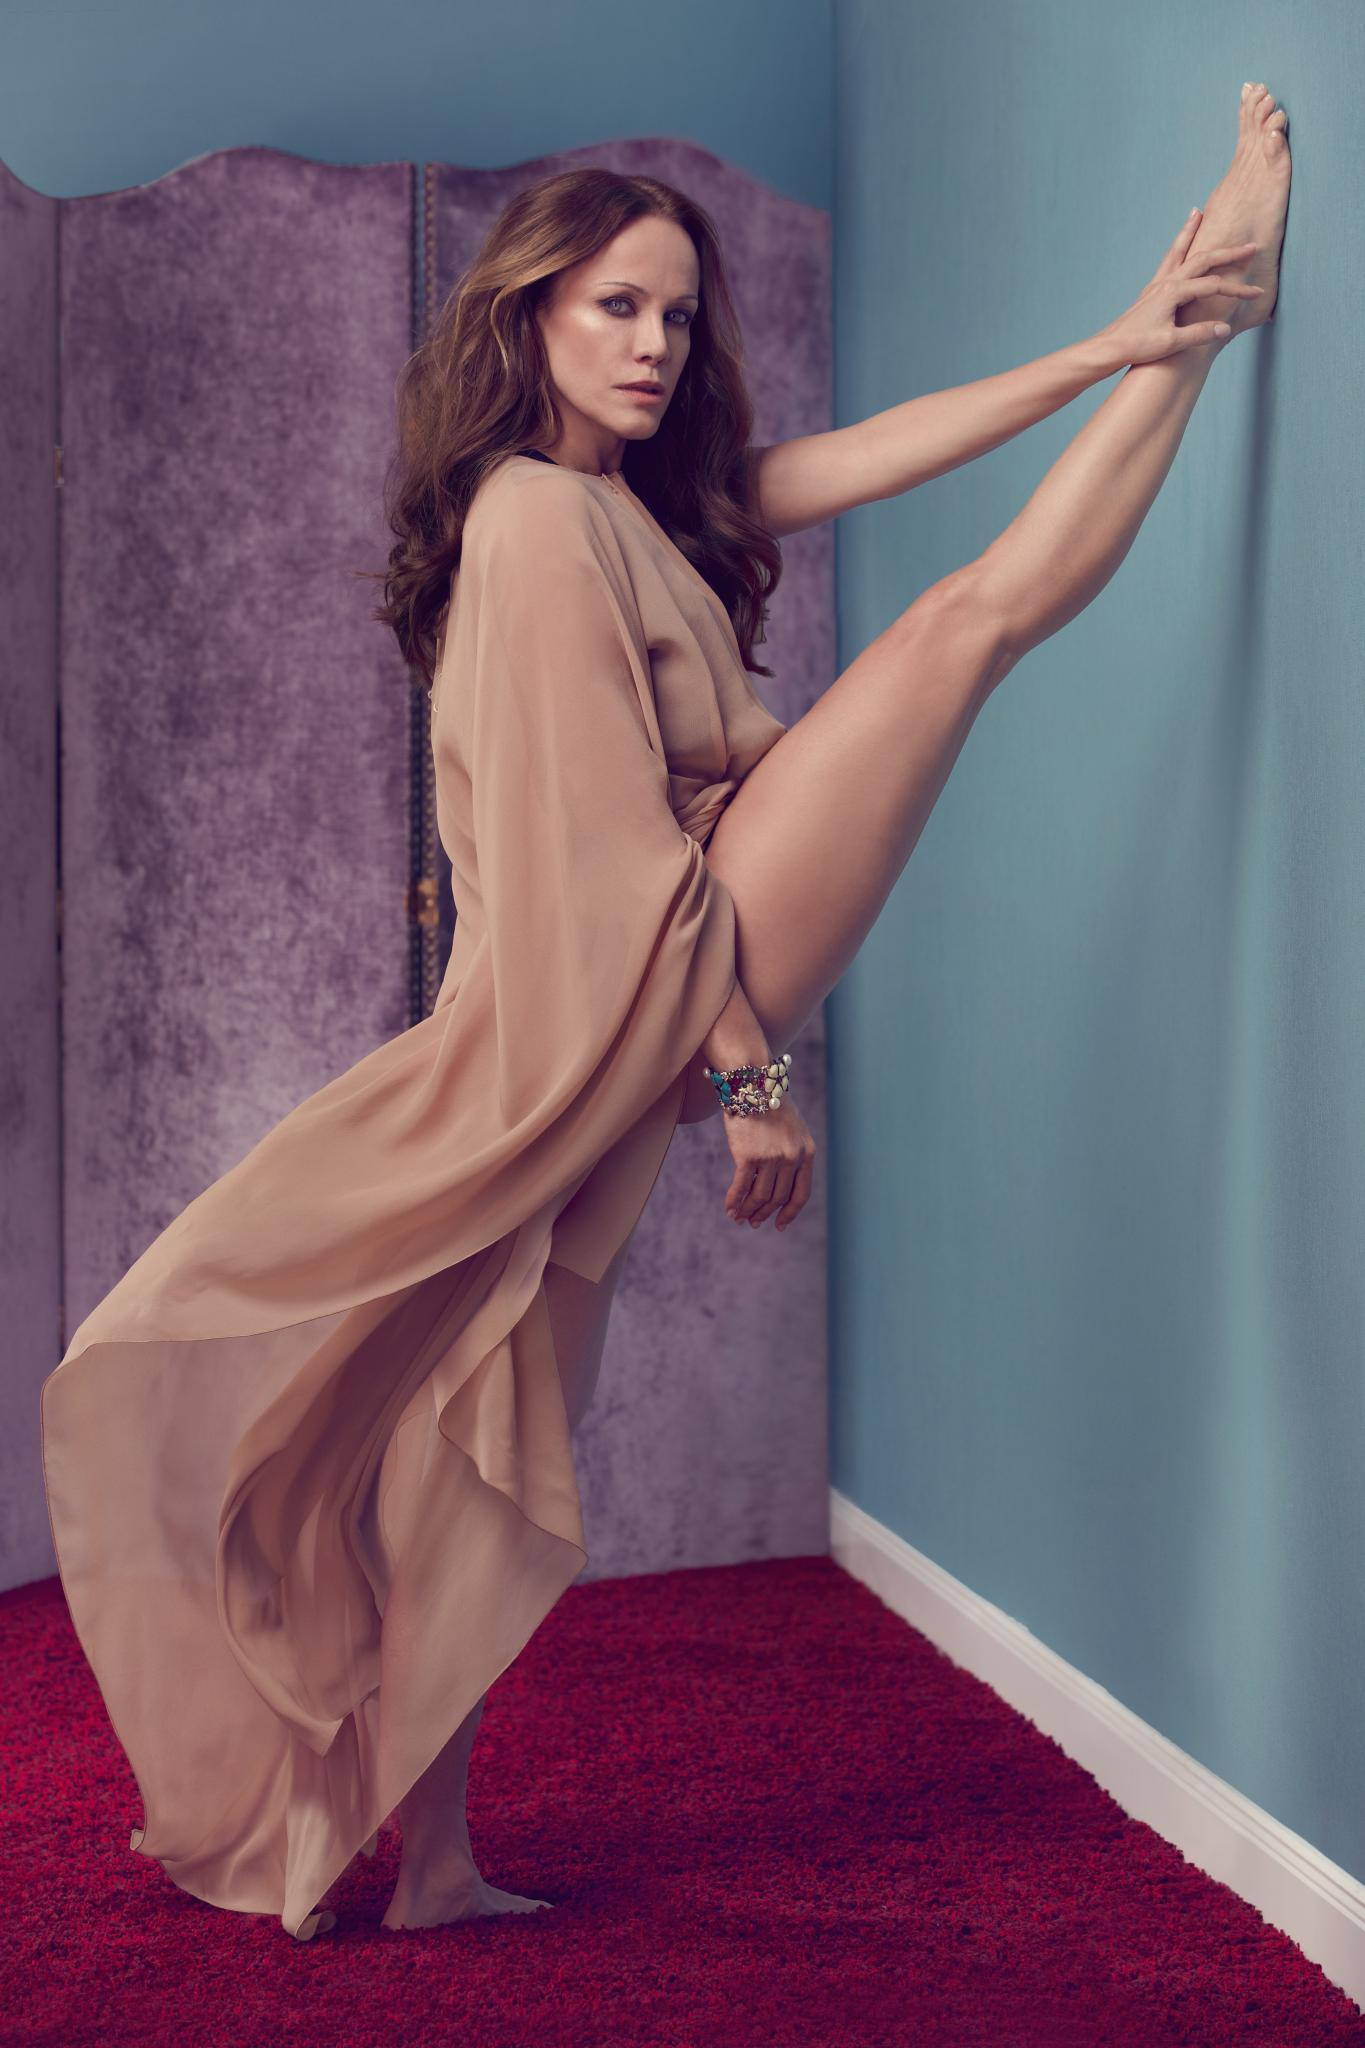 Bewegung ist Sonja Kirchbergers Lebenselixier. Mit zehn tanzte sie an der Wiener Staatsoper, heute biegt sie sich auf der Yogamatte.